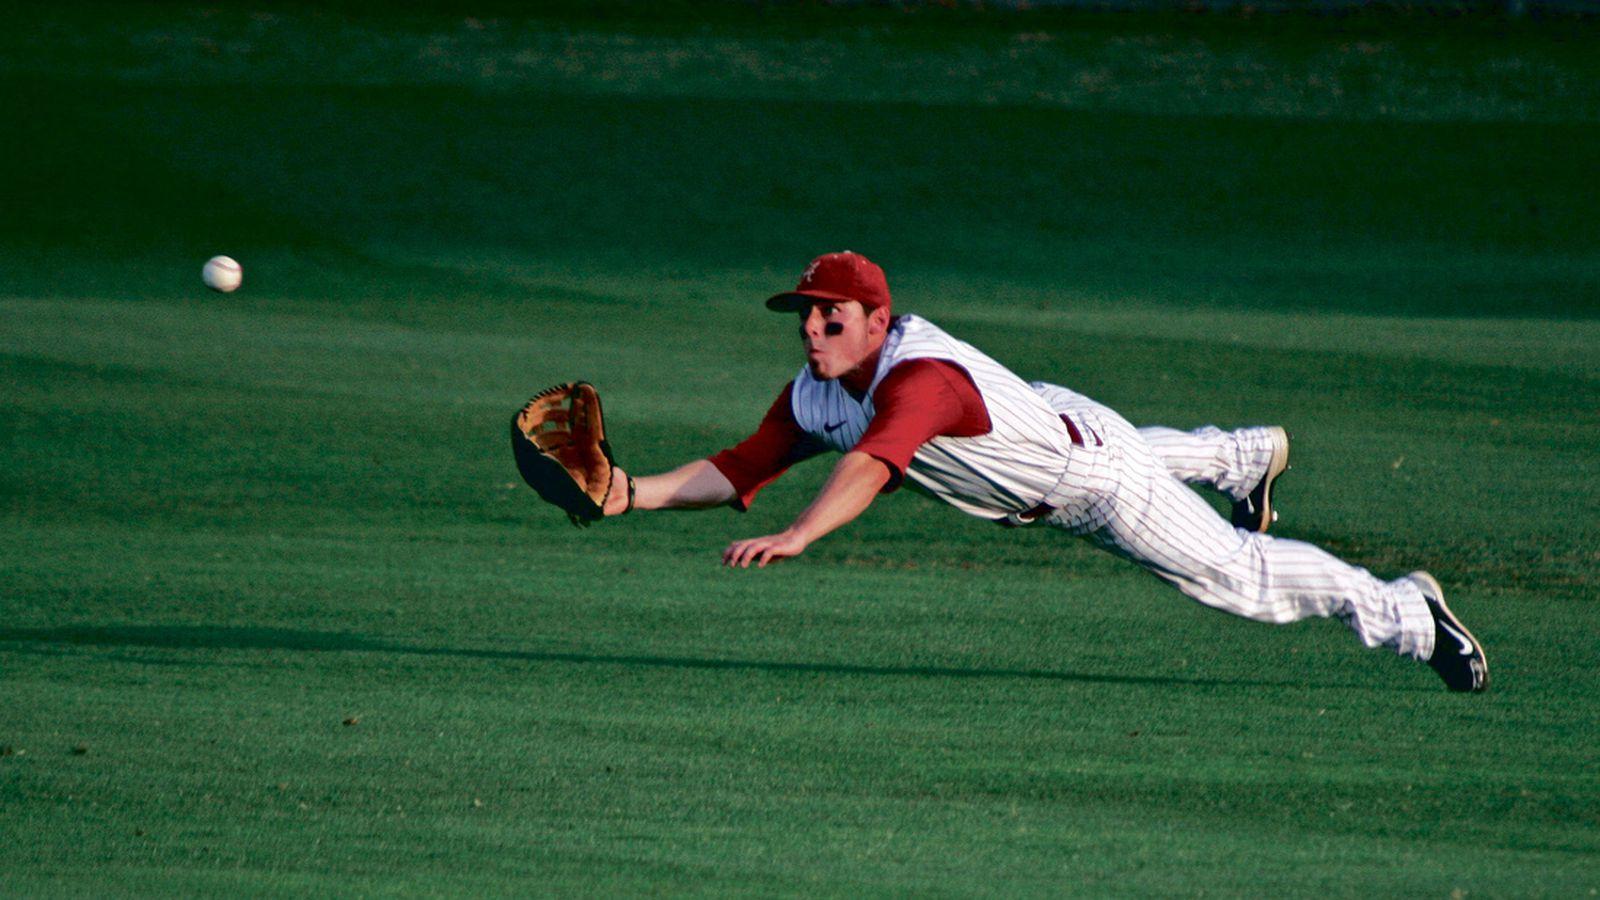 Baseballweb1.0